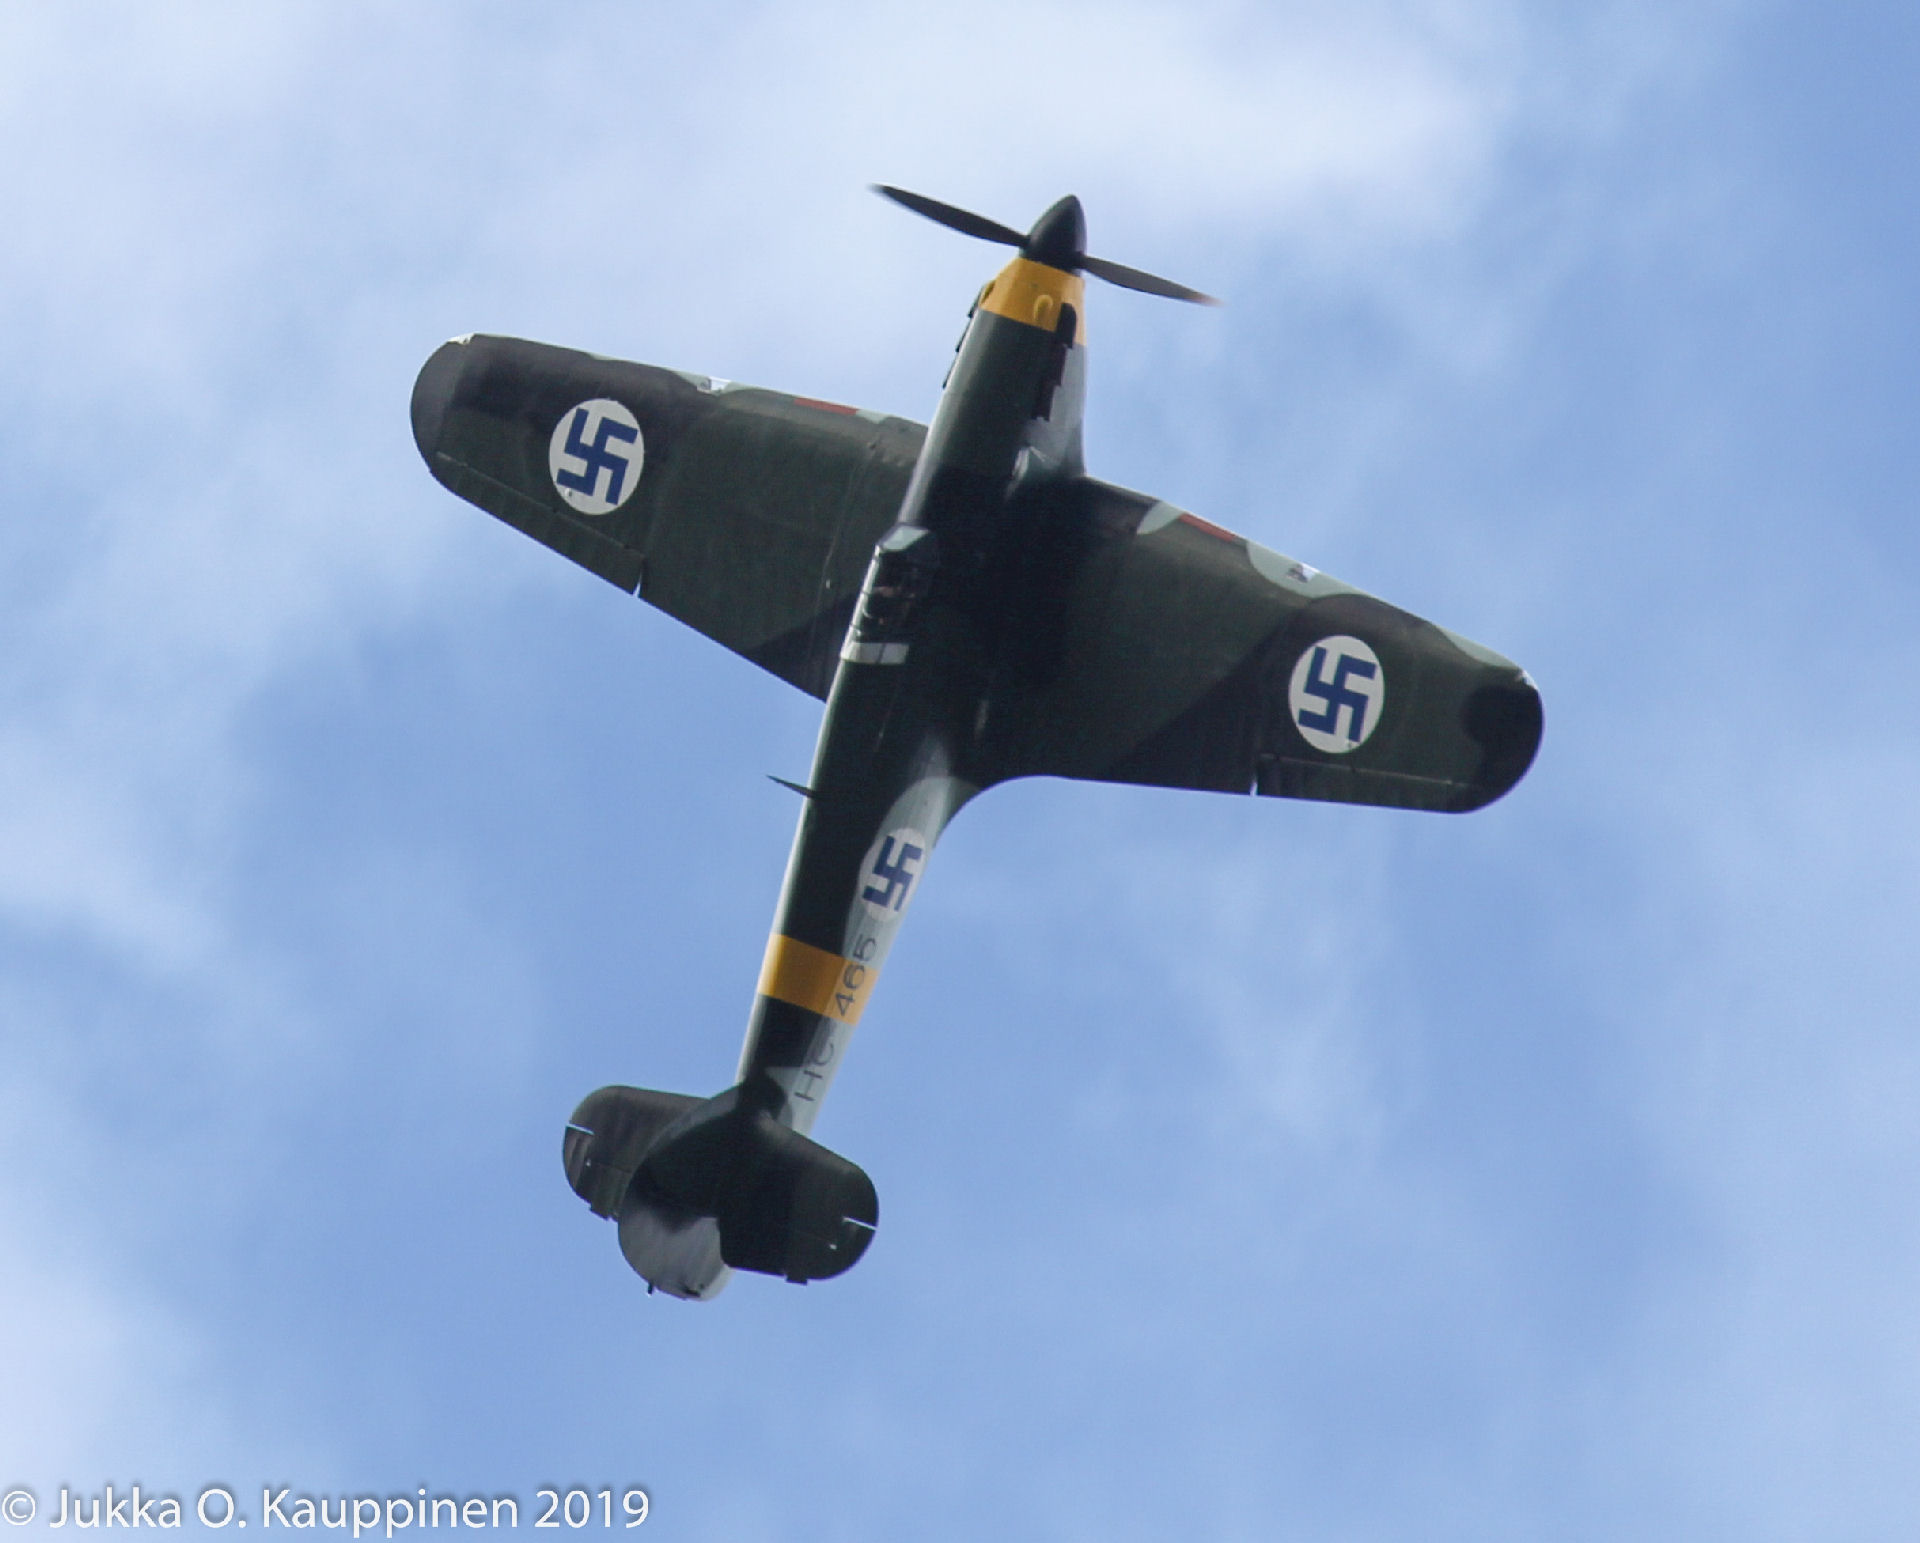 Hawker Hurricane HC-465. Kuva: Jukka O. Kauppinen.